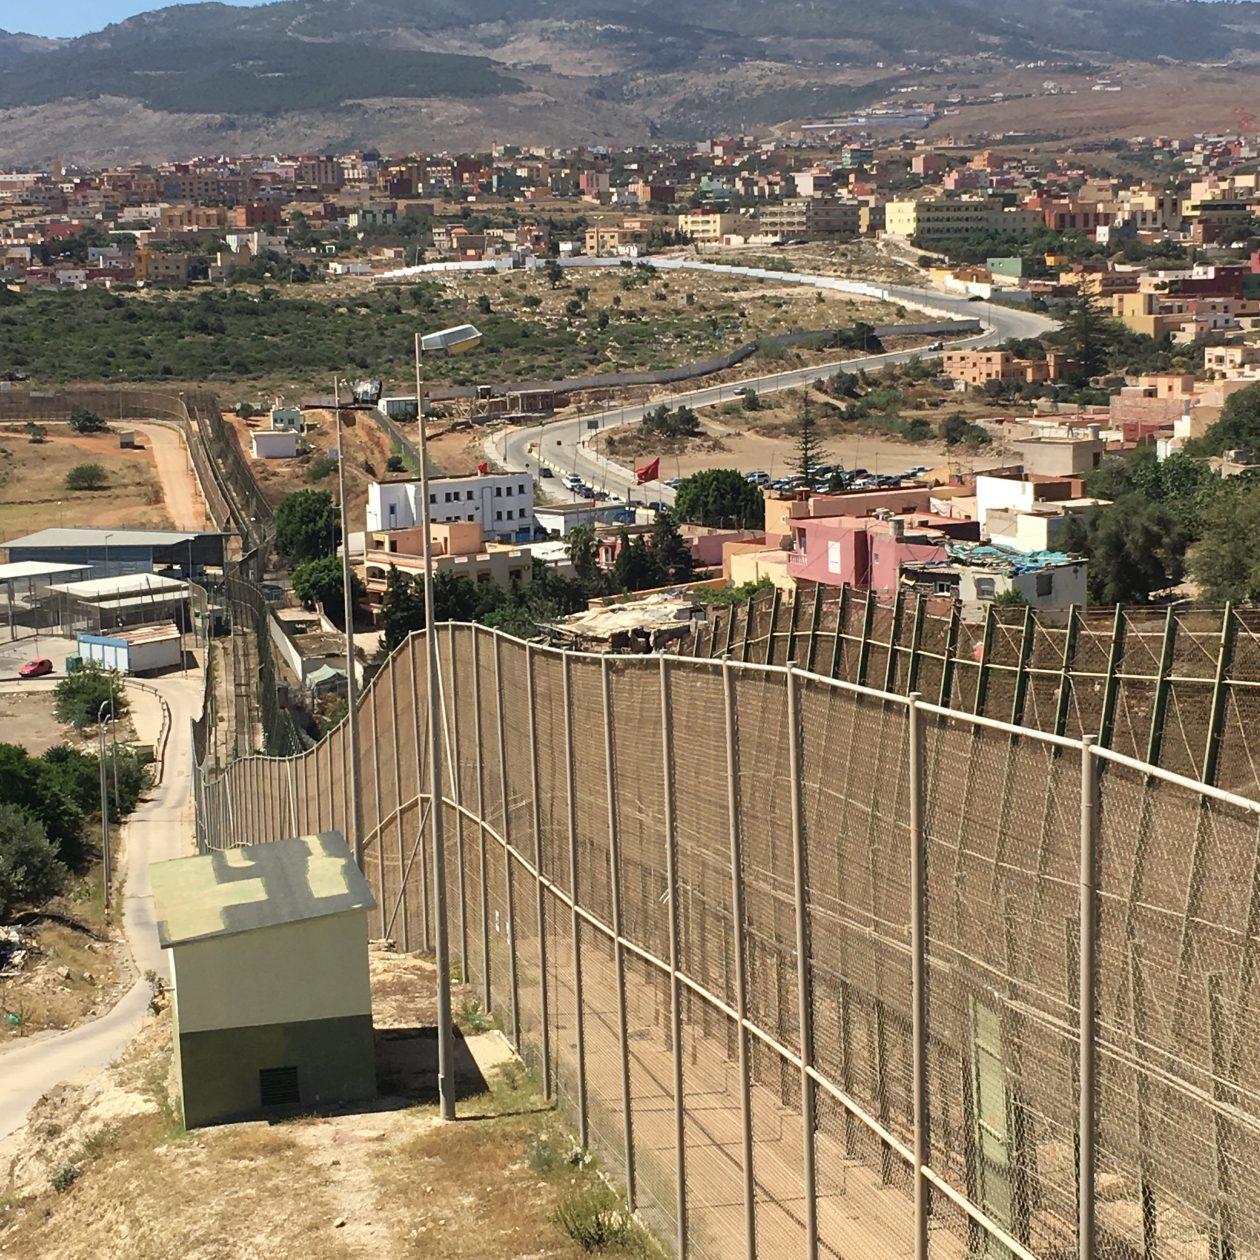 """Un estudio de porCausa halla que el 85% de los españoles asocia al inmigrante con """"malo"""" a pesar de su predisposición positiva ante la inmigración."""